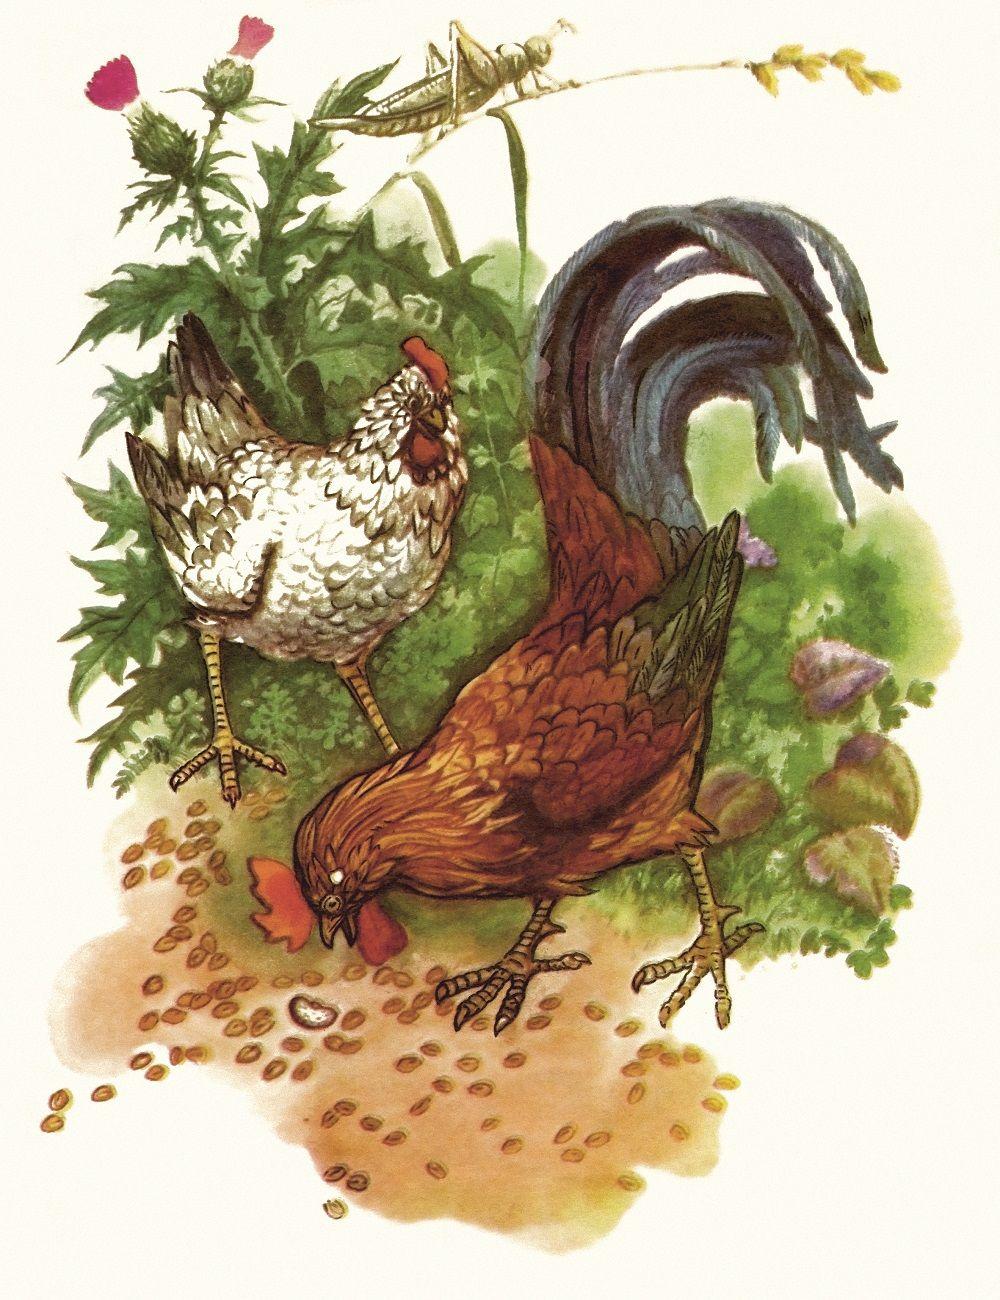 Обои сказка, Гриб, Коллаж, ферма. Разное foto 18